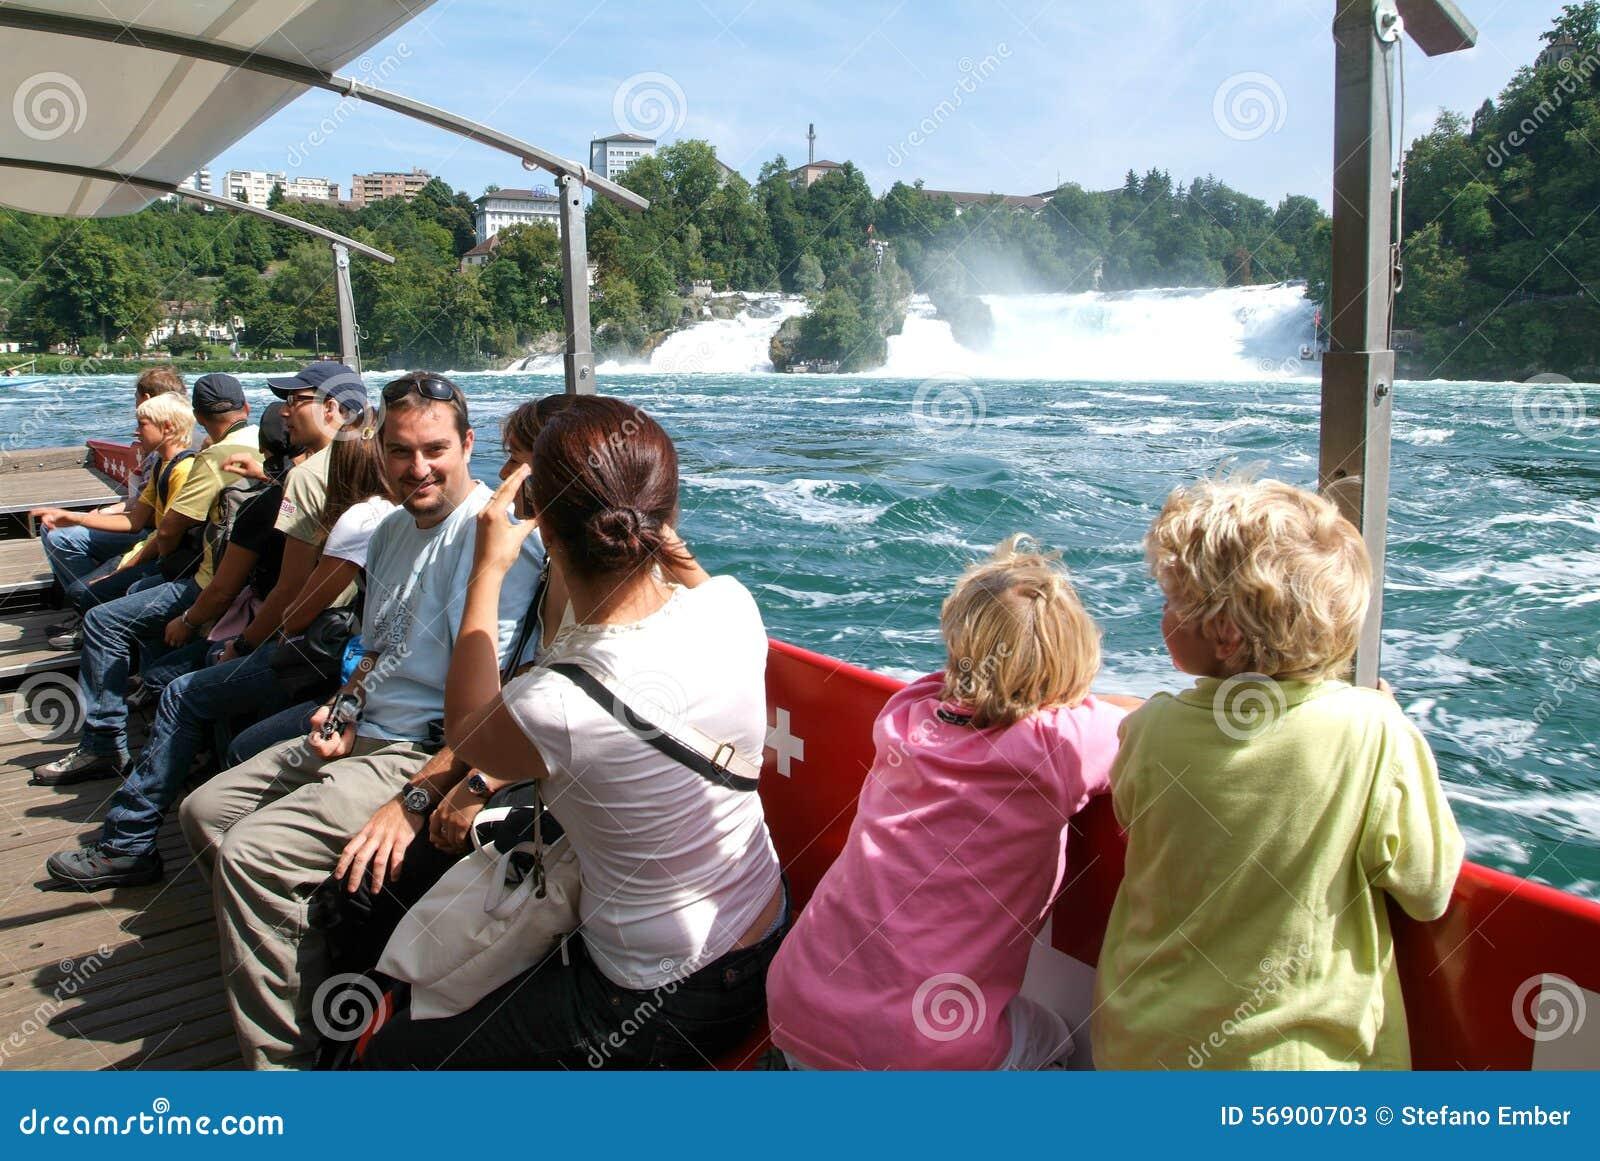 Άνθρωποι σε μια βάρκα τουριστών που πλησιάζει τους καταρράκτες του Ρήνου